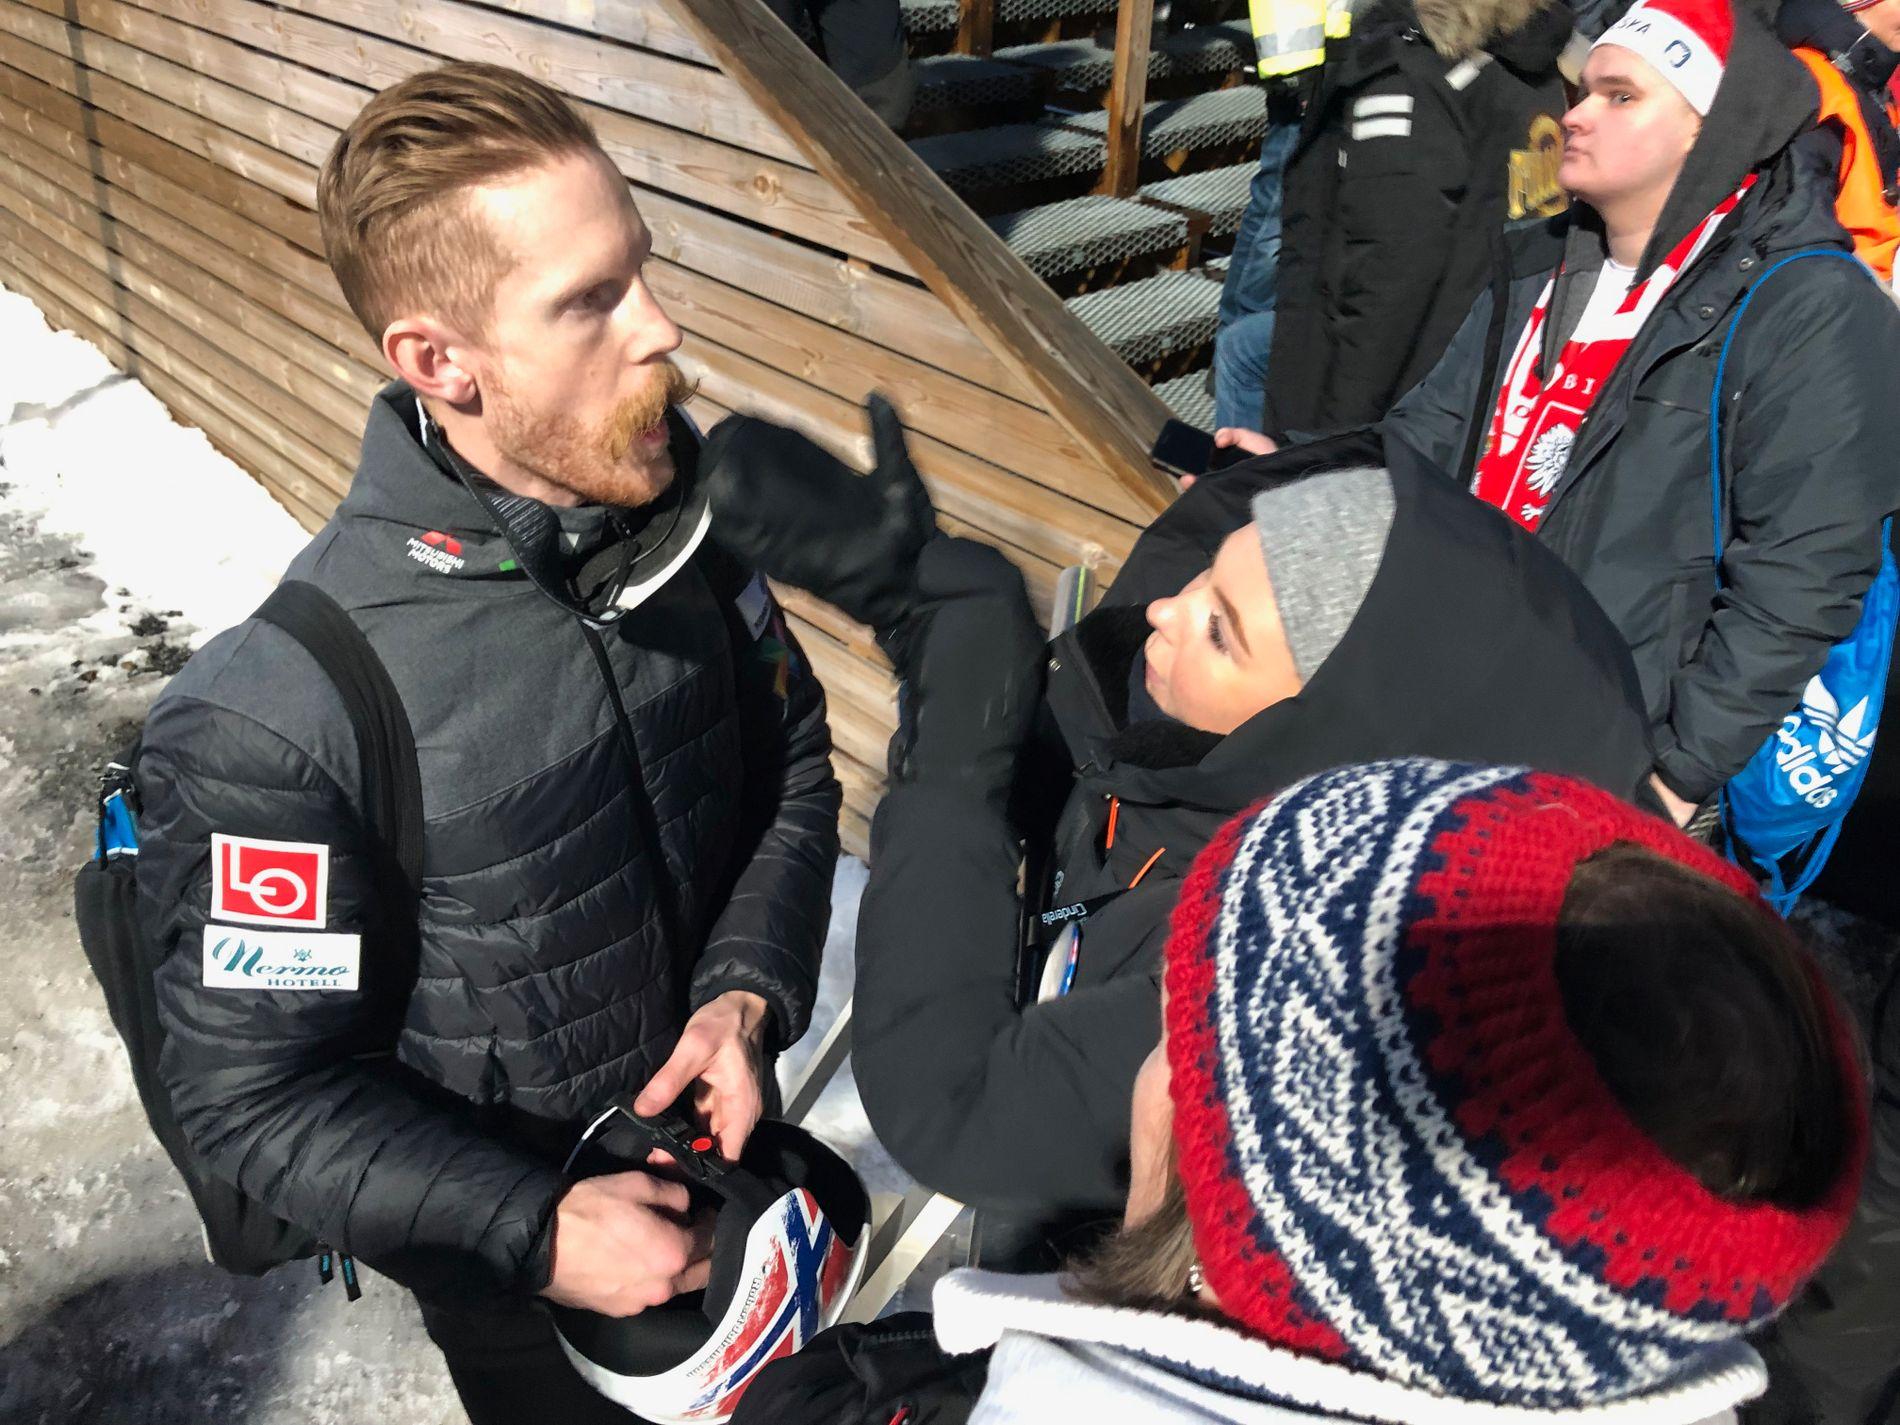 FIKK TRØST: Kjæresten Marlene Messel og moren Helga (med rød lue) ga trøst til en svært skuffet Robert Johansson.